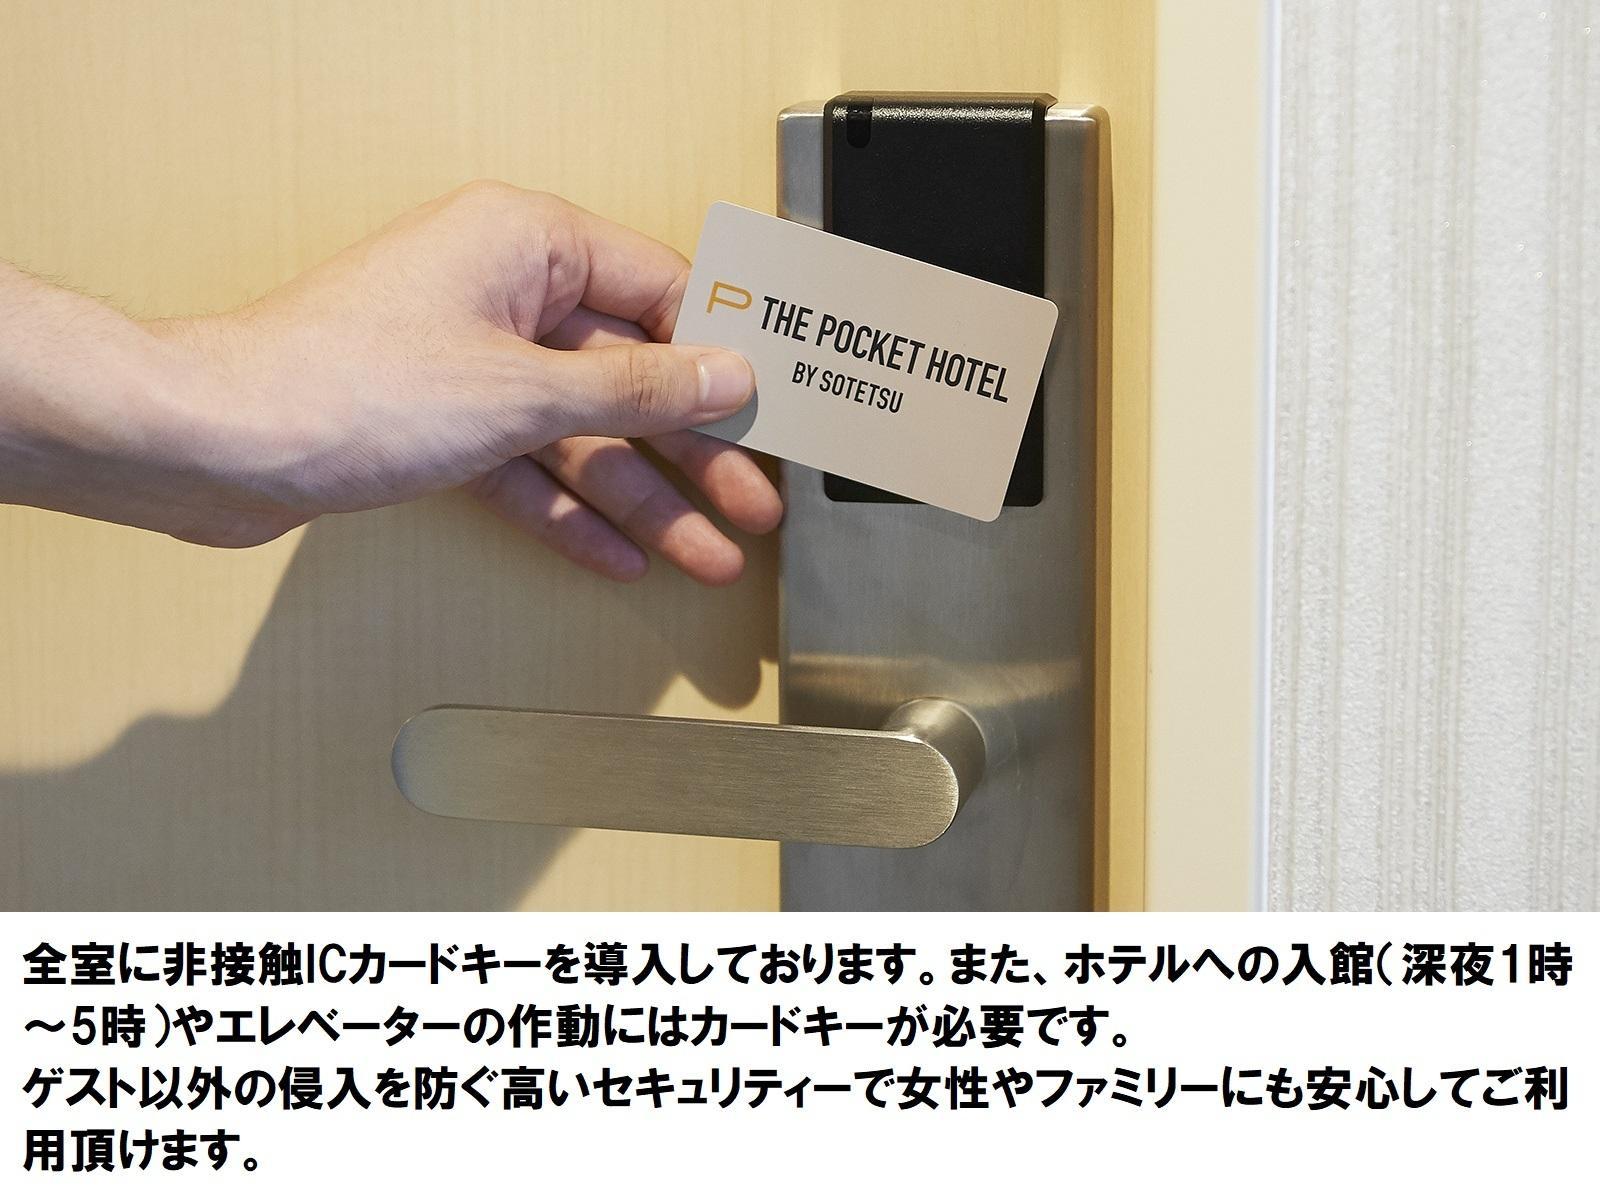 ザ・ポケットホテル 京都烏丸五条 / 【早期割引】60日前までの予約がお得!